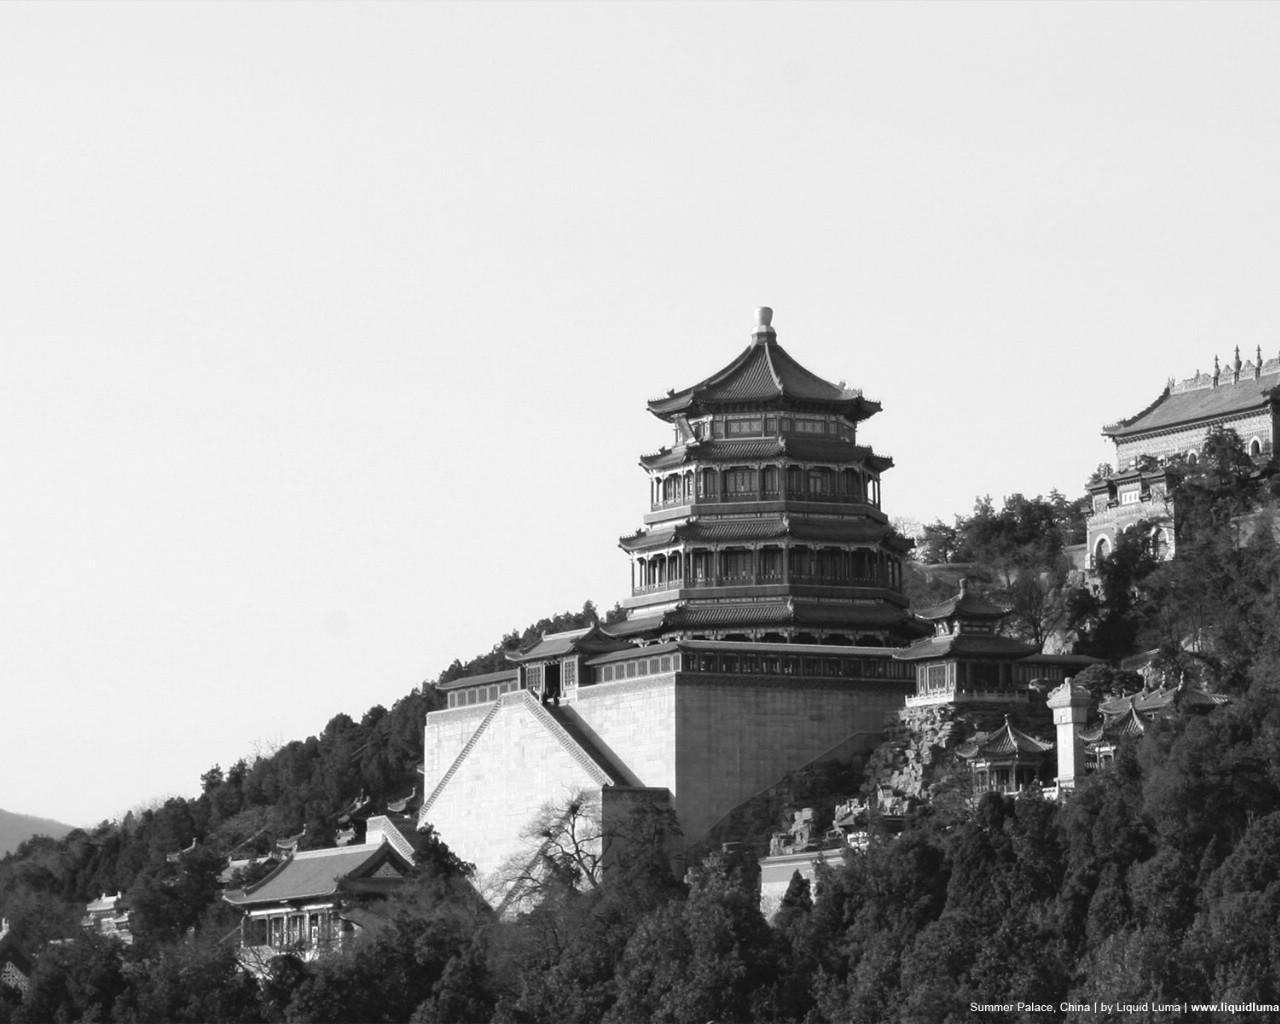 黑白颐和园; 黑白颐和园-武汉皇宫婚纱摄影_武汉婚纱摄影_主题婚纱